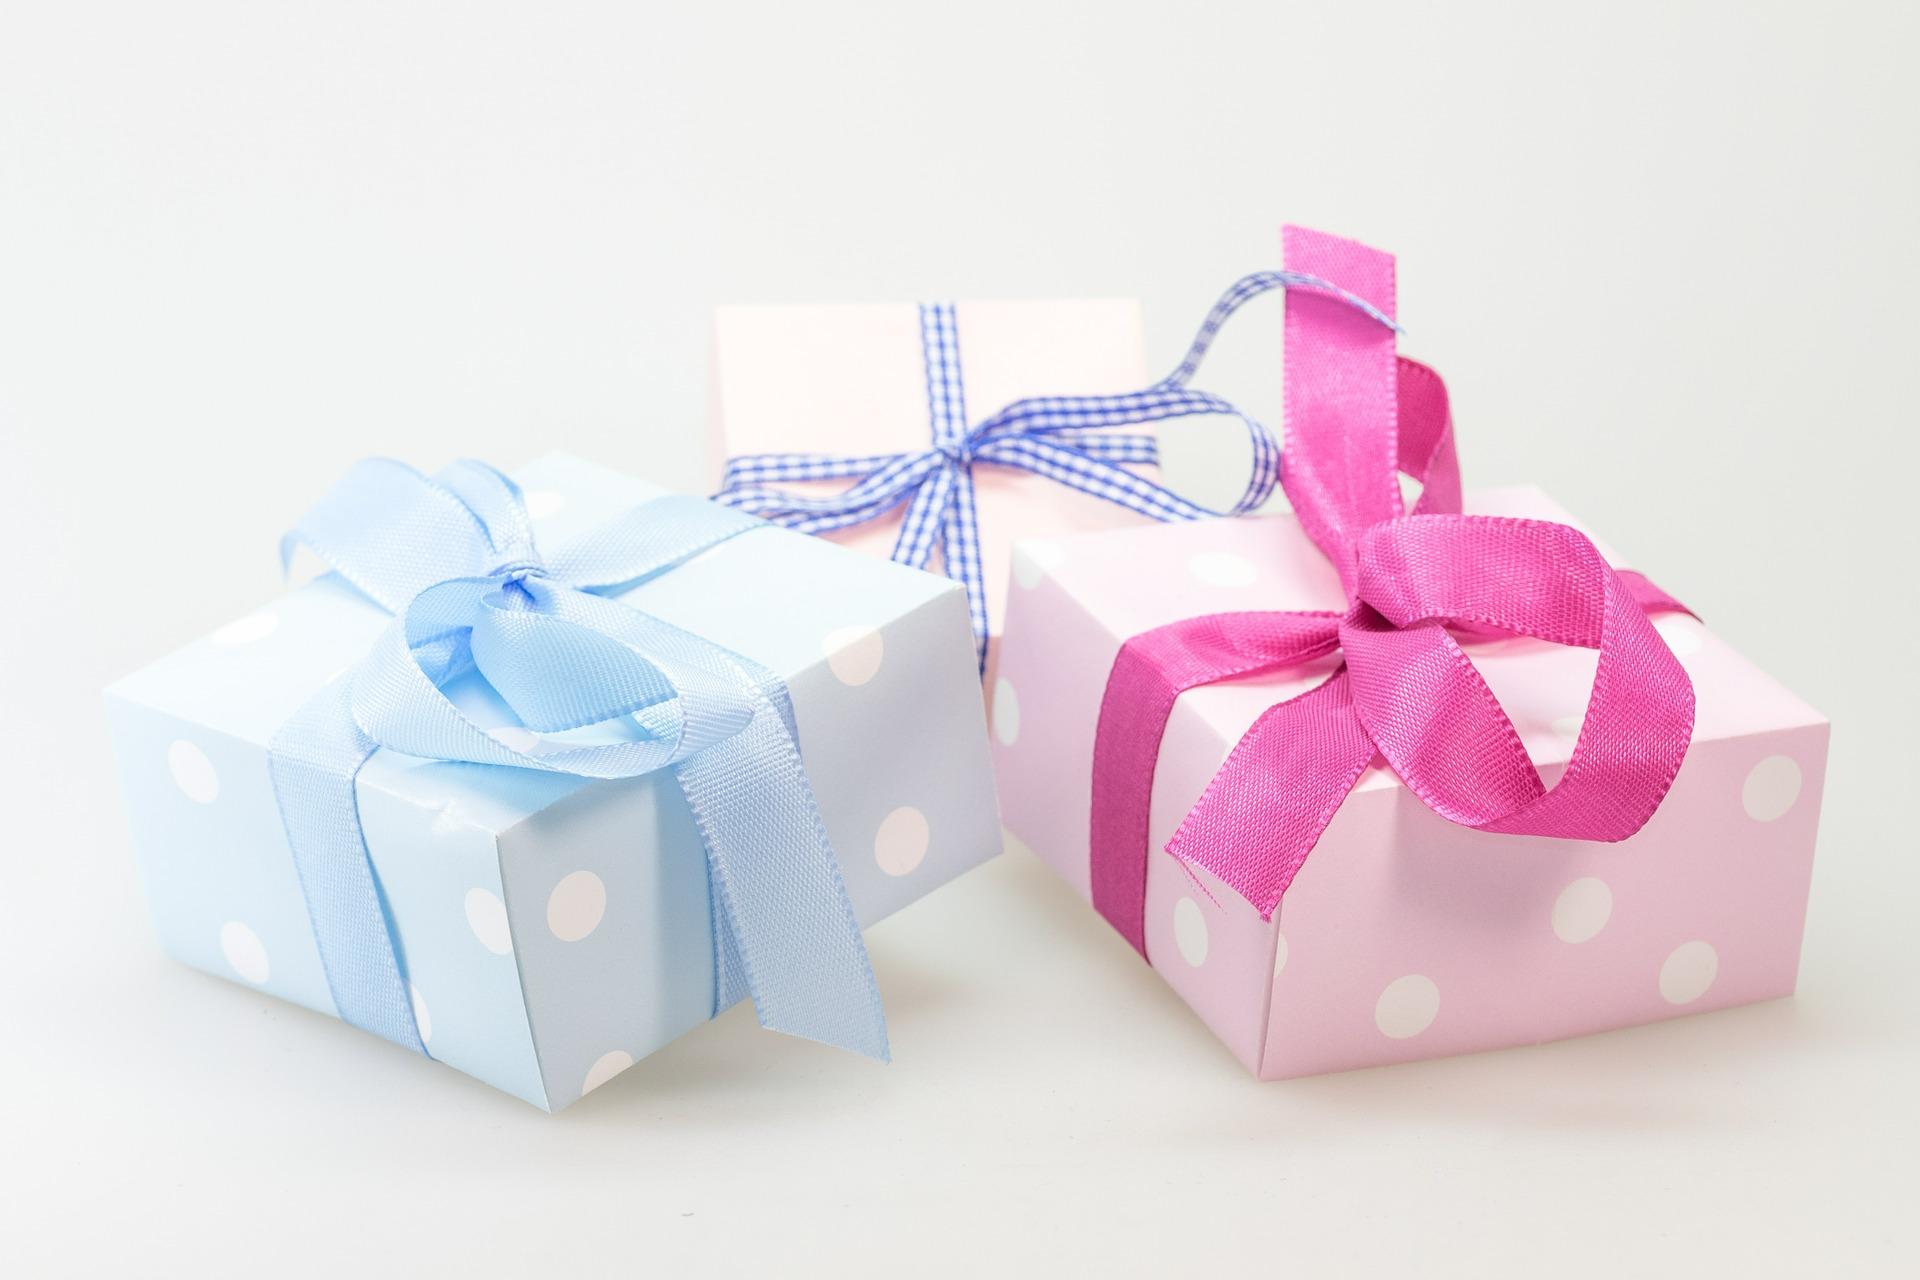 carte cadeau et bons à offrir